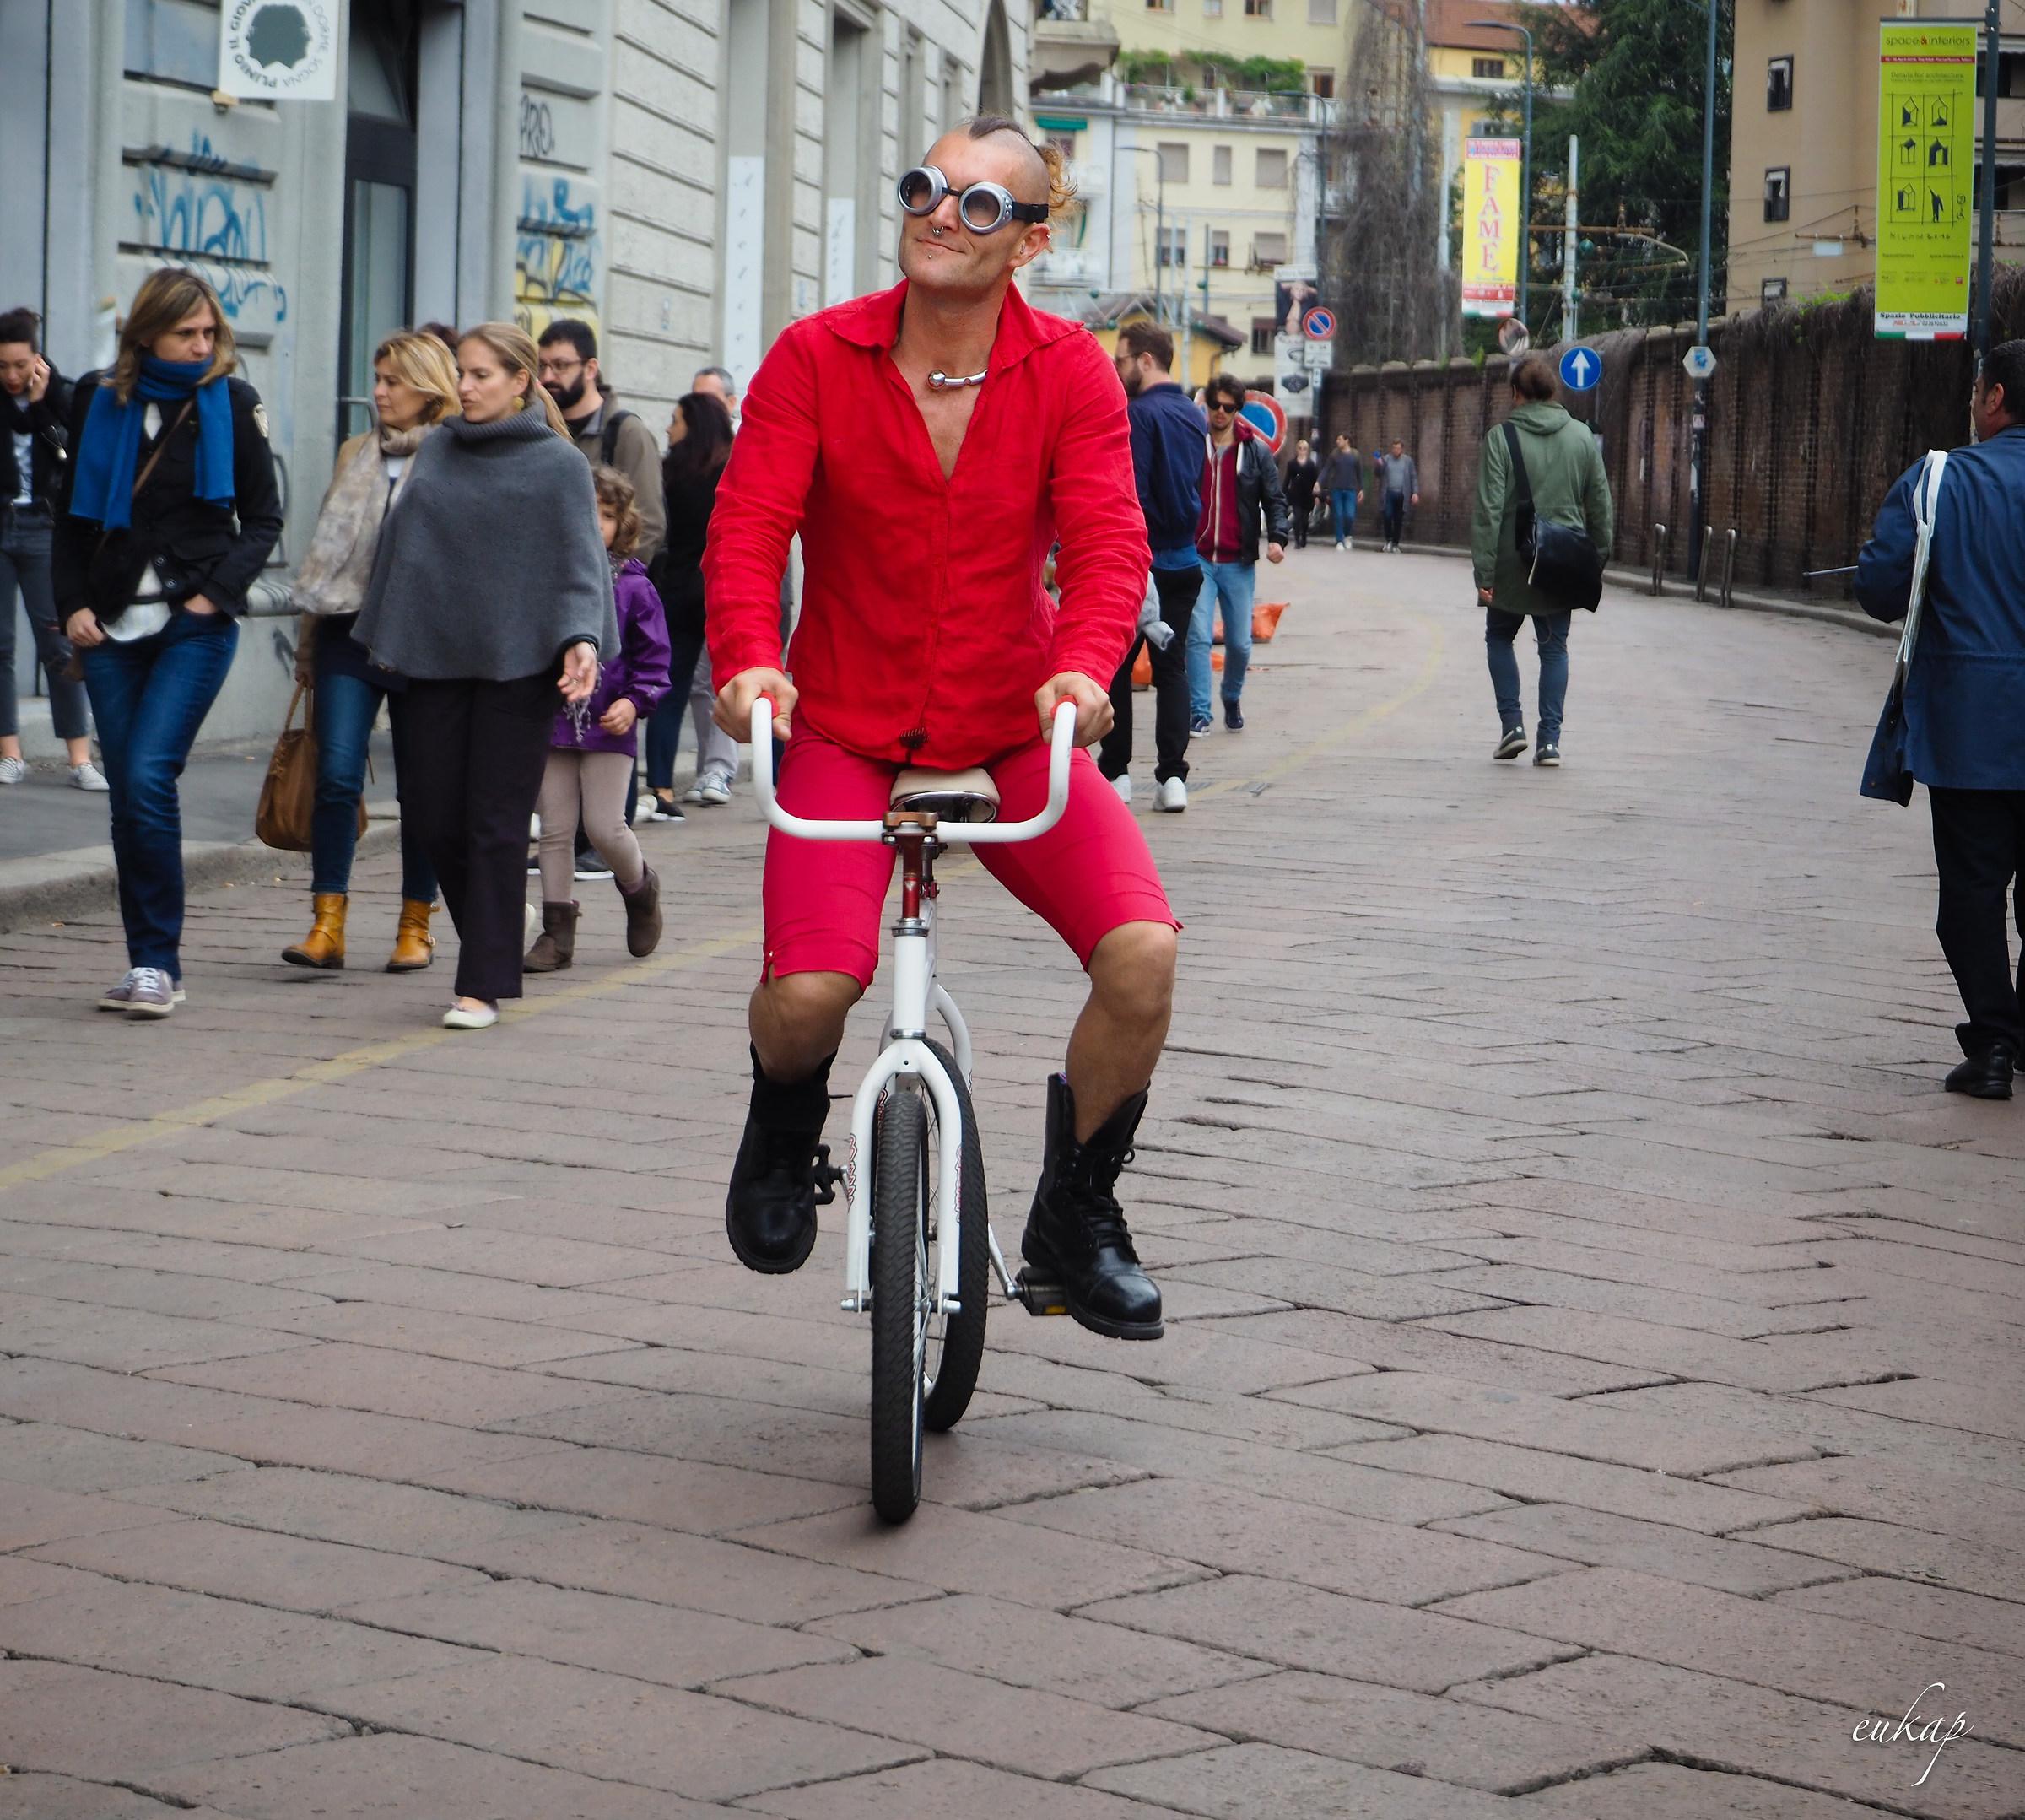 L'uomo in bici...